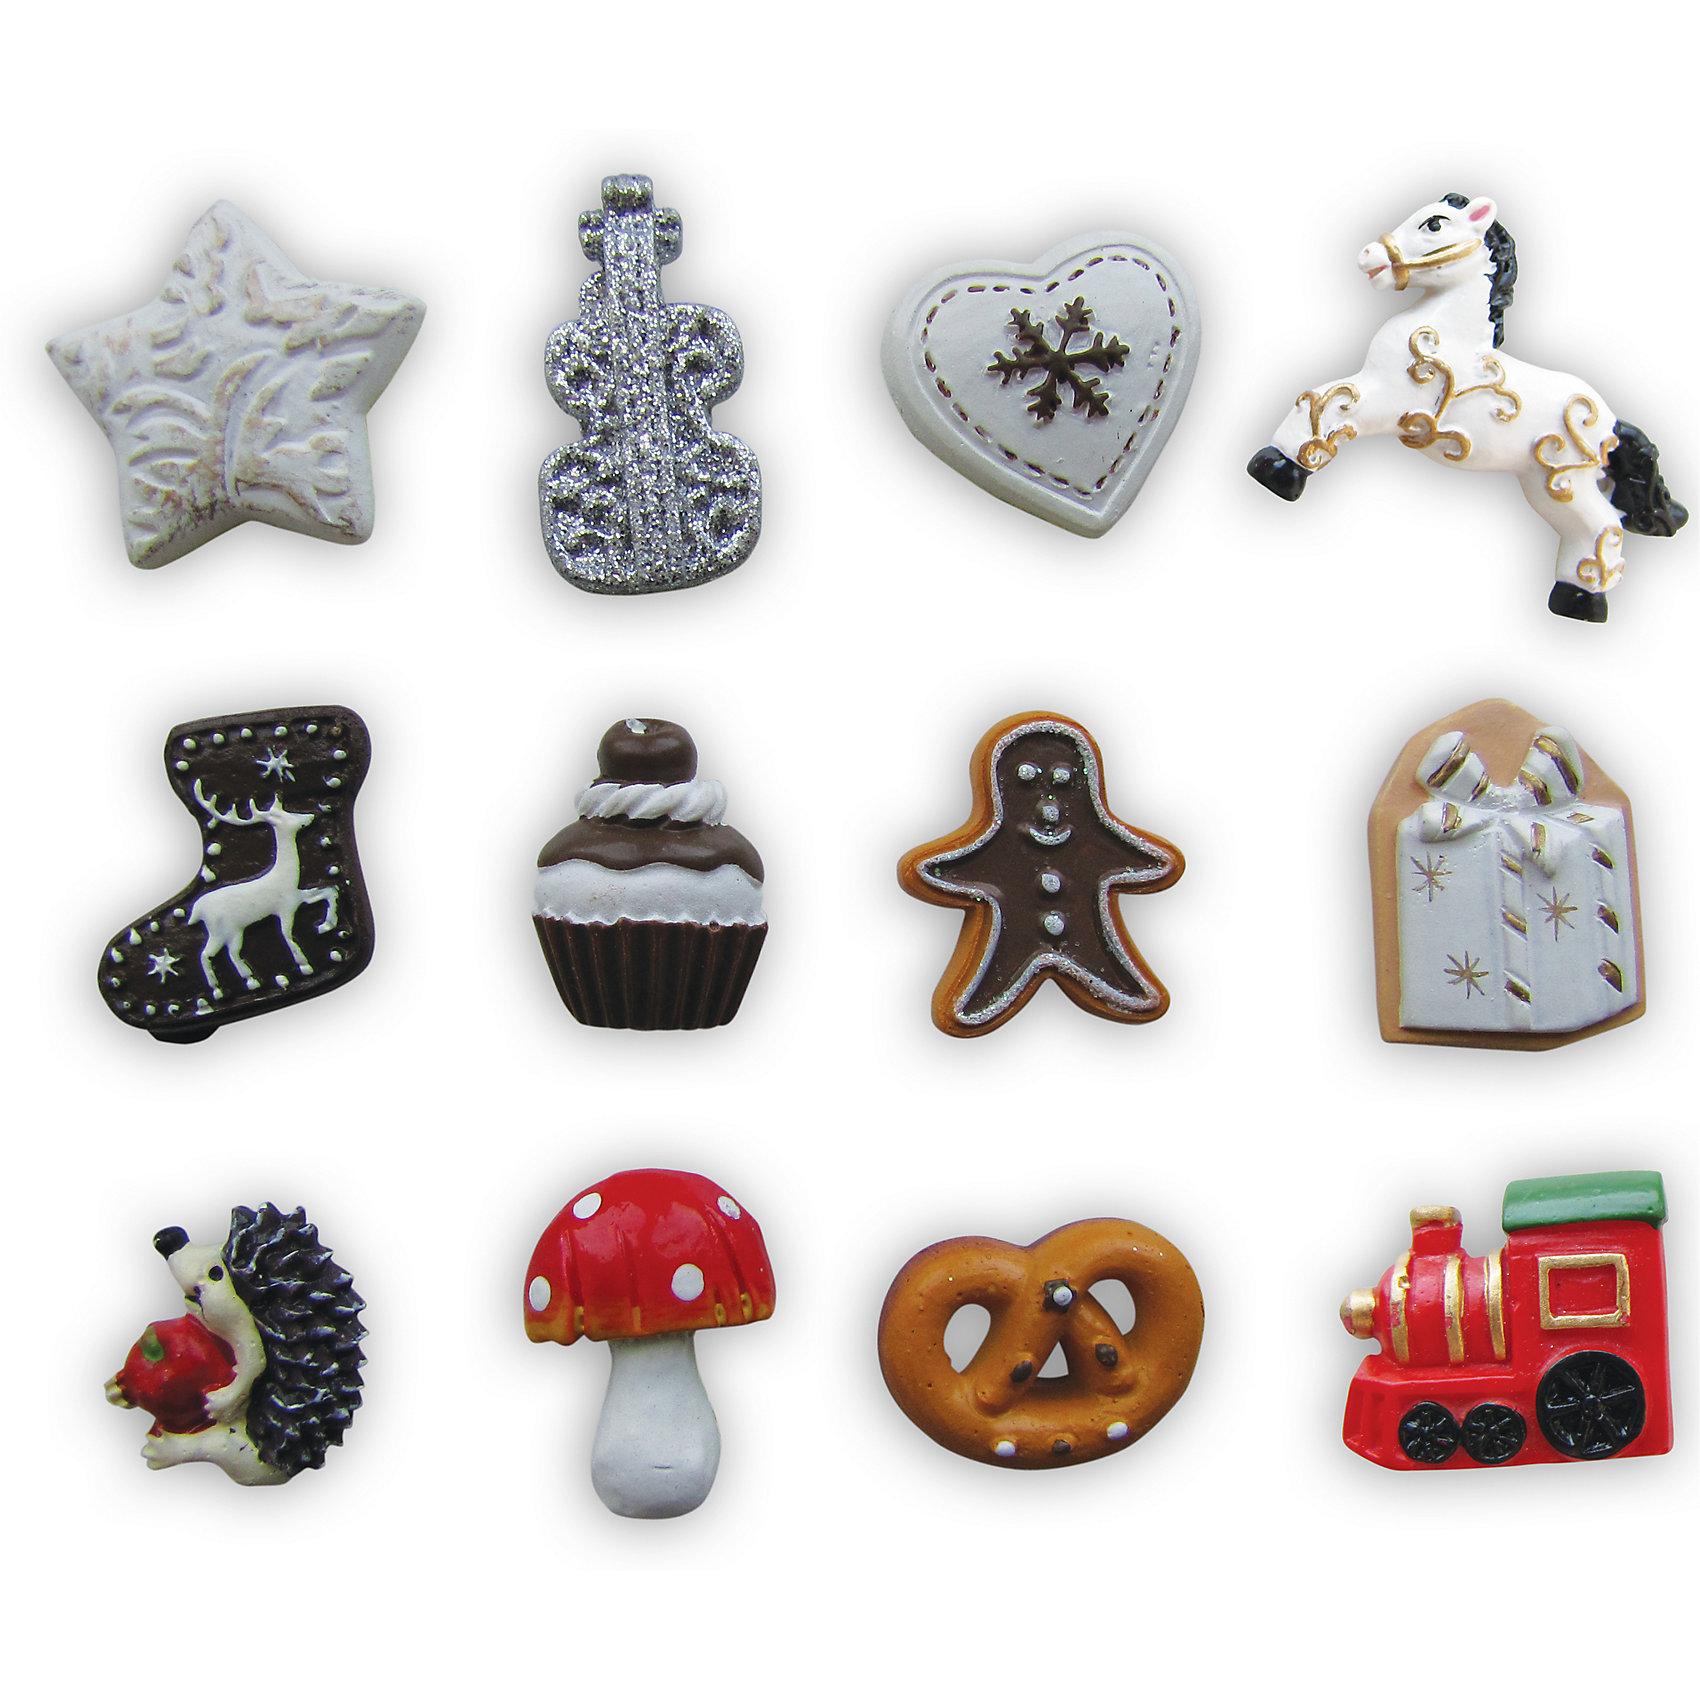 Набор сувениров на липучке Рождественские гадания (12 фигурок)Всё для праздника<br>Набор Рождественские гадания поднимет Вам настроение в новогодние праздники и станет приятным сувениром для родных и друзей. В комплекте 12 симпатичных рождественских фигурок в виде звездочек, сердечка, бублика, грибка и другие. На обратной стороне имеется липучка. В инструкции Вы найдете информацию о значении фигурок в гадании.<br><br>Дополнительная информация:<br>- В комплекте: 12 фигурок.<br>- Материал: полистоун. <br>- Размер упаковки: 9,5 x 6,5 см.<br>- Вес: 0,694 кг. <br><br>Сувенир Рождественские гадания (12 фигурок) можно купить в нашем интернет-магазине.<br><br>Ширина мм: 50<br>Глубина мм: 50<br>Высота мм: 5<br>Вес г: 694<br>Возраст от месяцев: 36<br>Возраст до месяцев: 2147483647<br>Пол: Унисекс<br>Возраст: Детский<br>SKU: 4418886